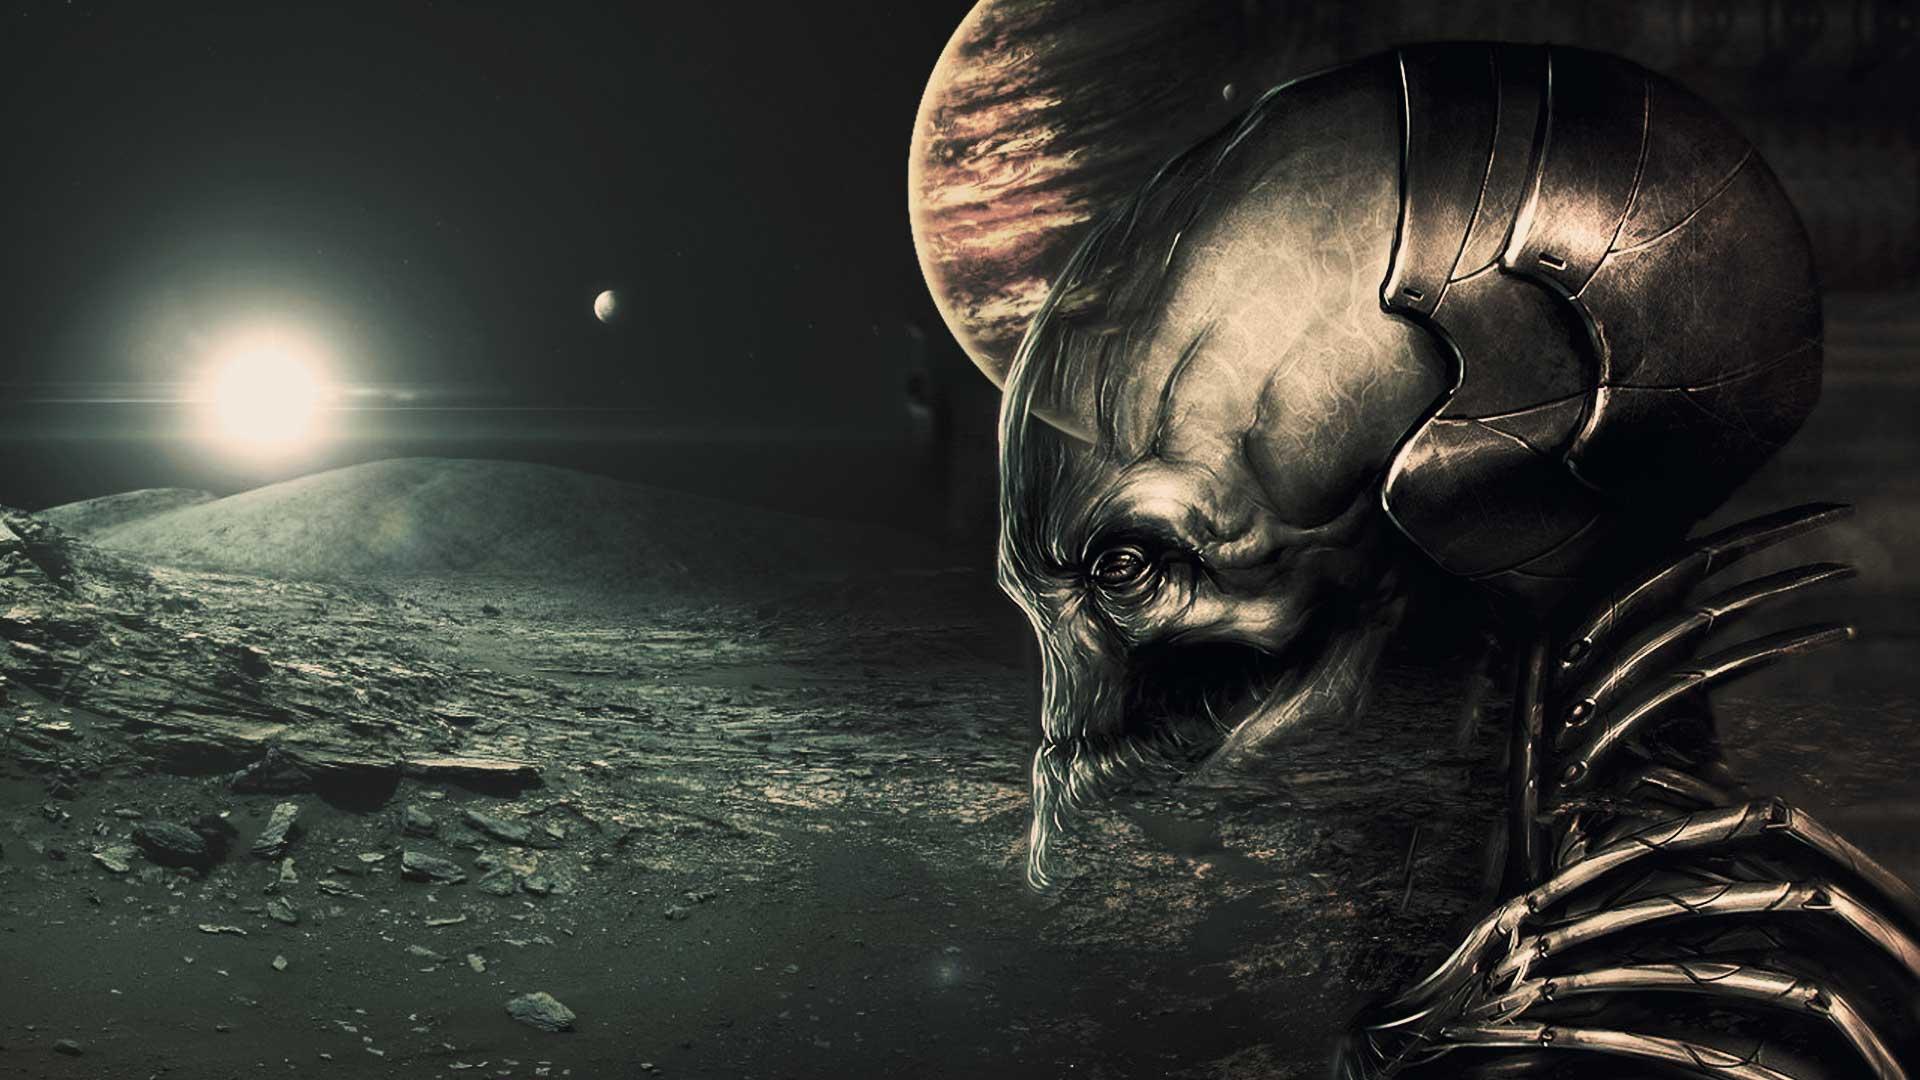 Una de las lunas de Júpiter, Ganímedes, tiene muchas posibilidades de albergar vida extraterrestre